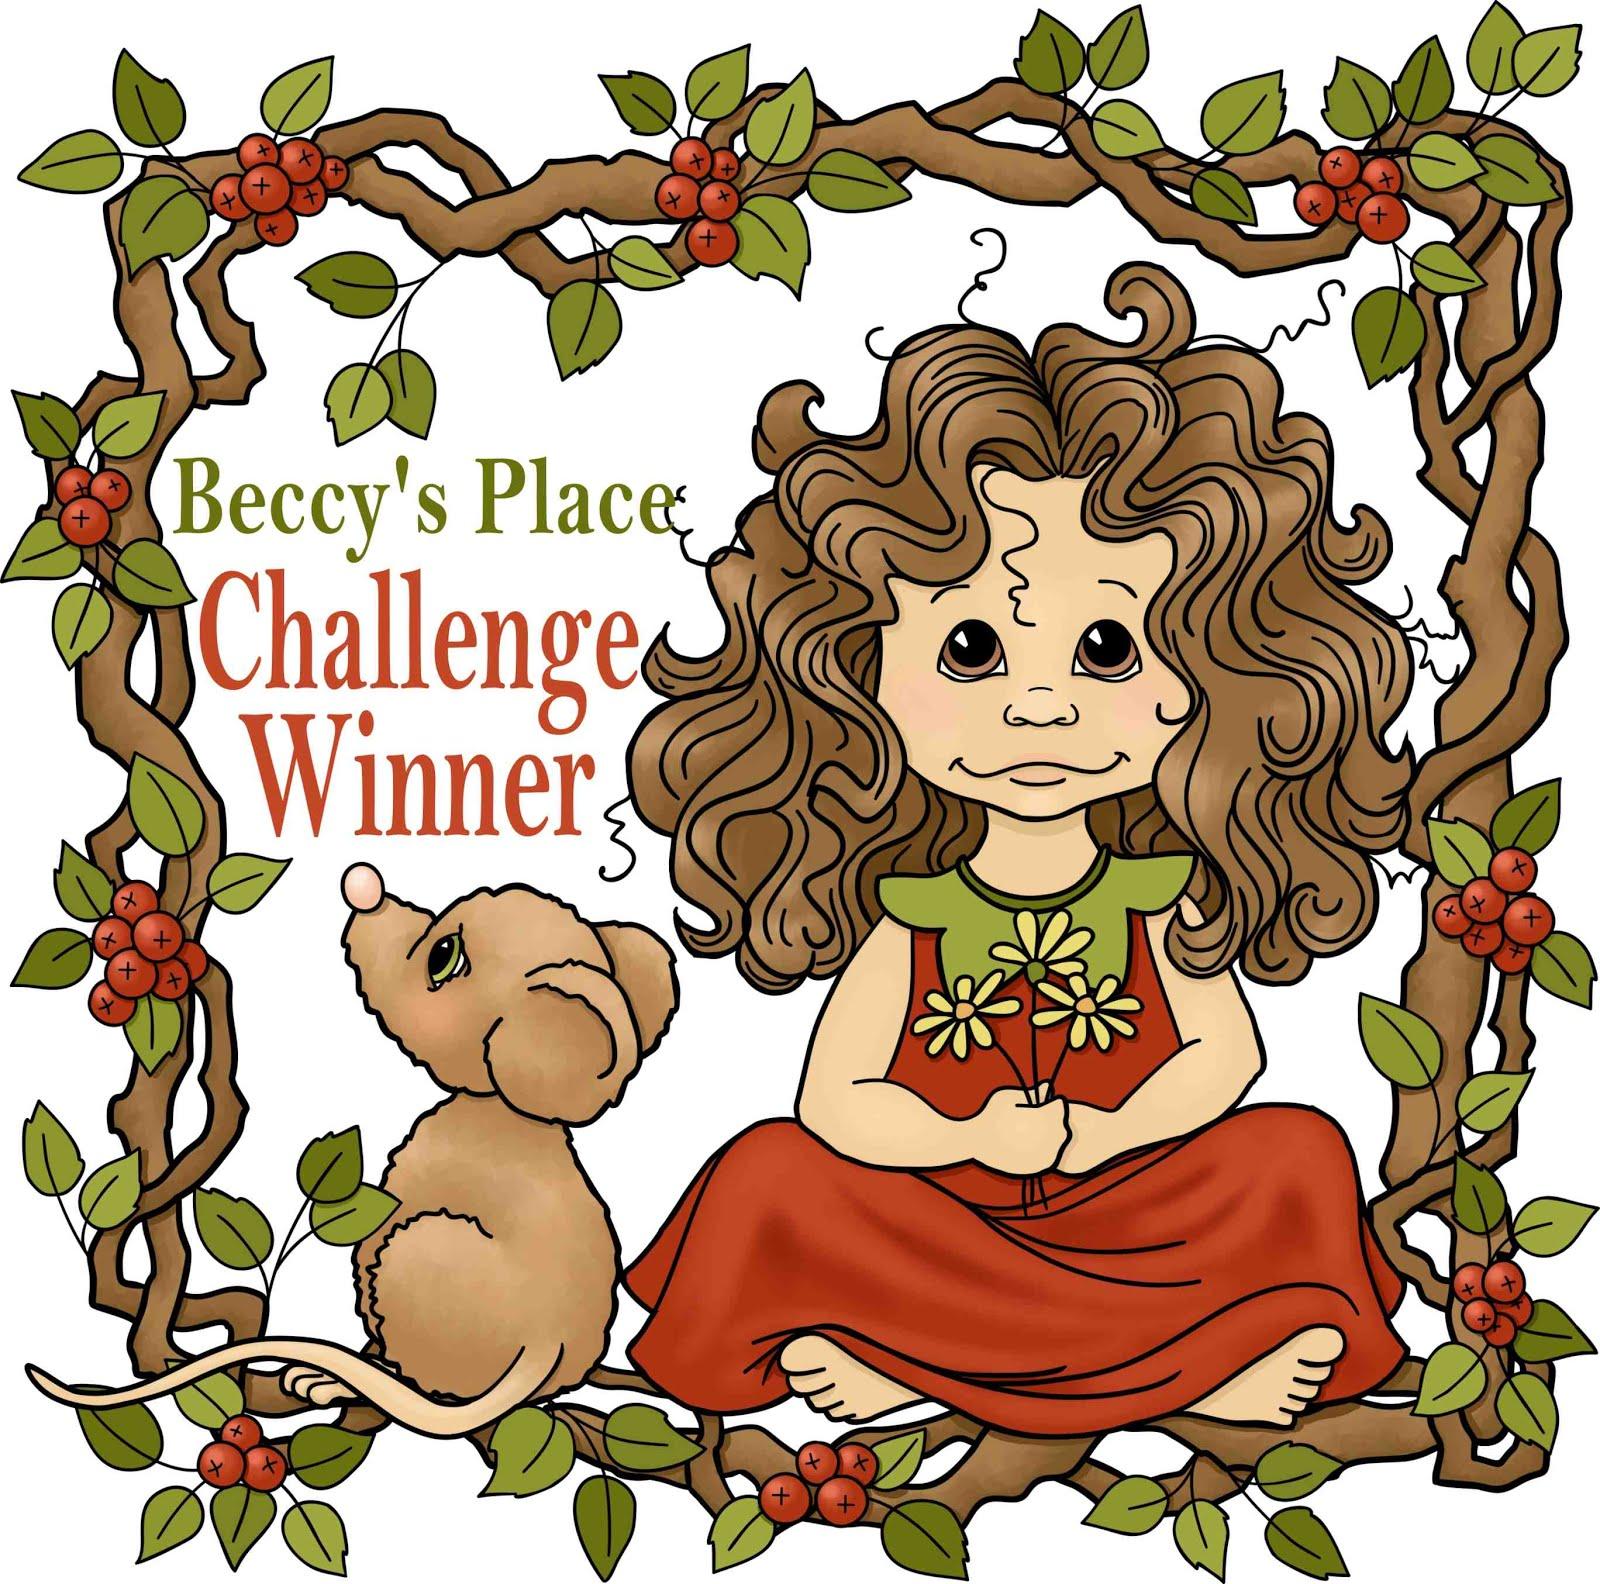 October challenge winner